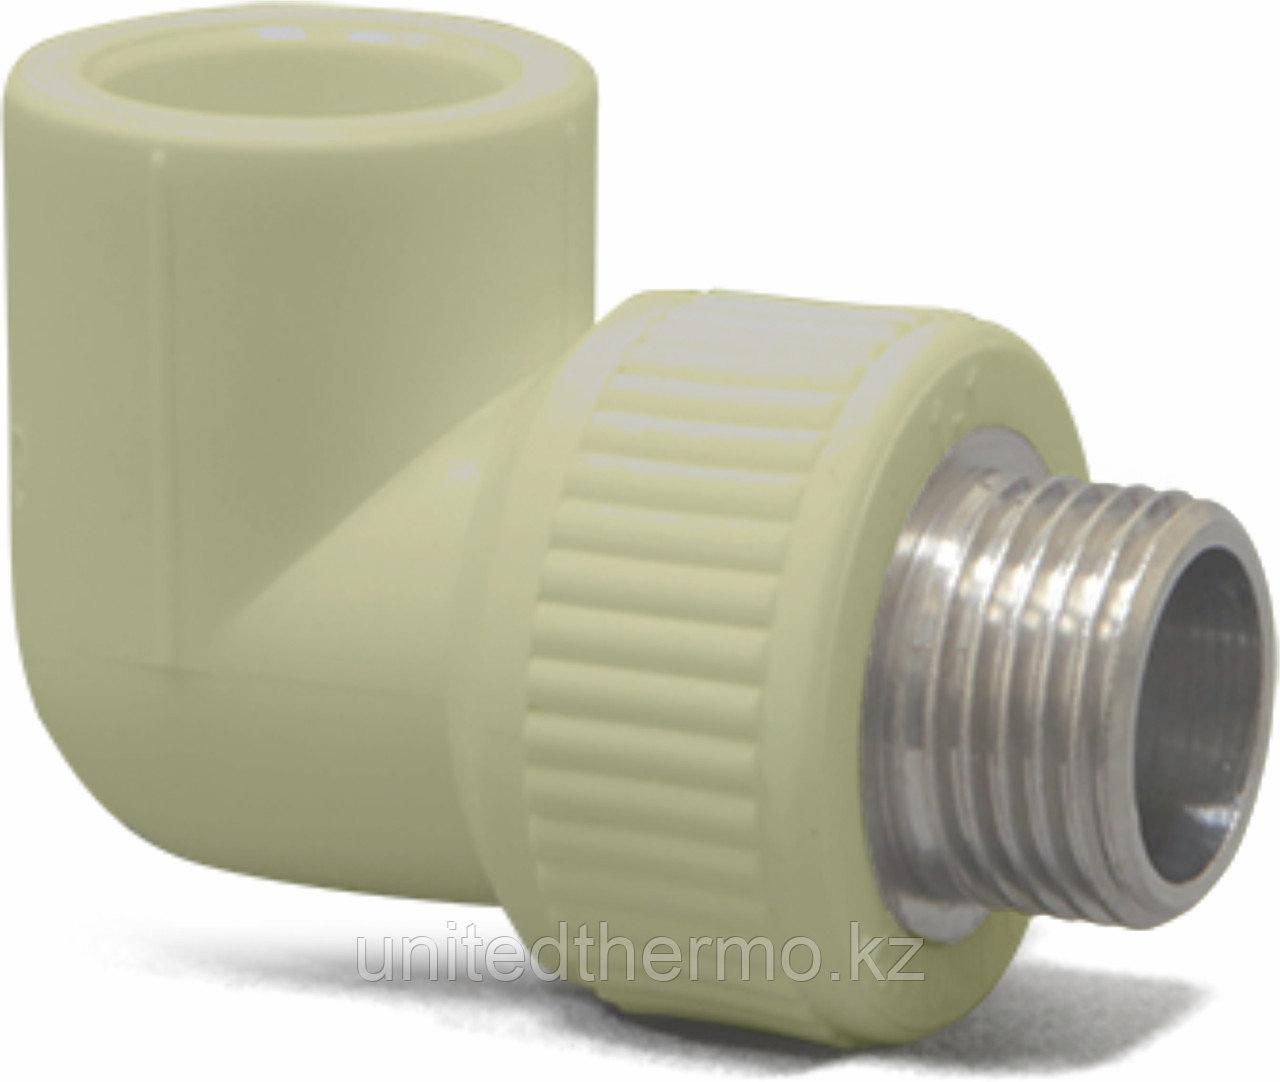 Угол 90° комбинированный НР 20Х1/2 Fusitek (СЕРЫЙ)